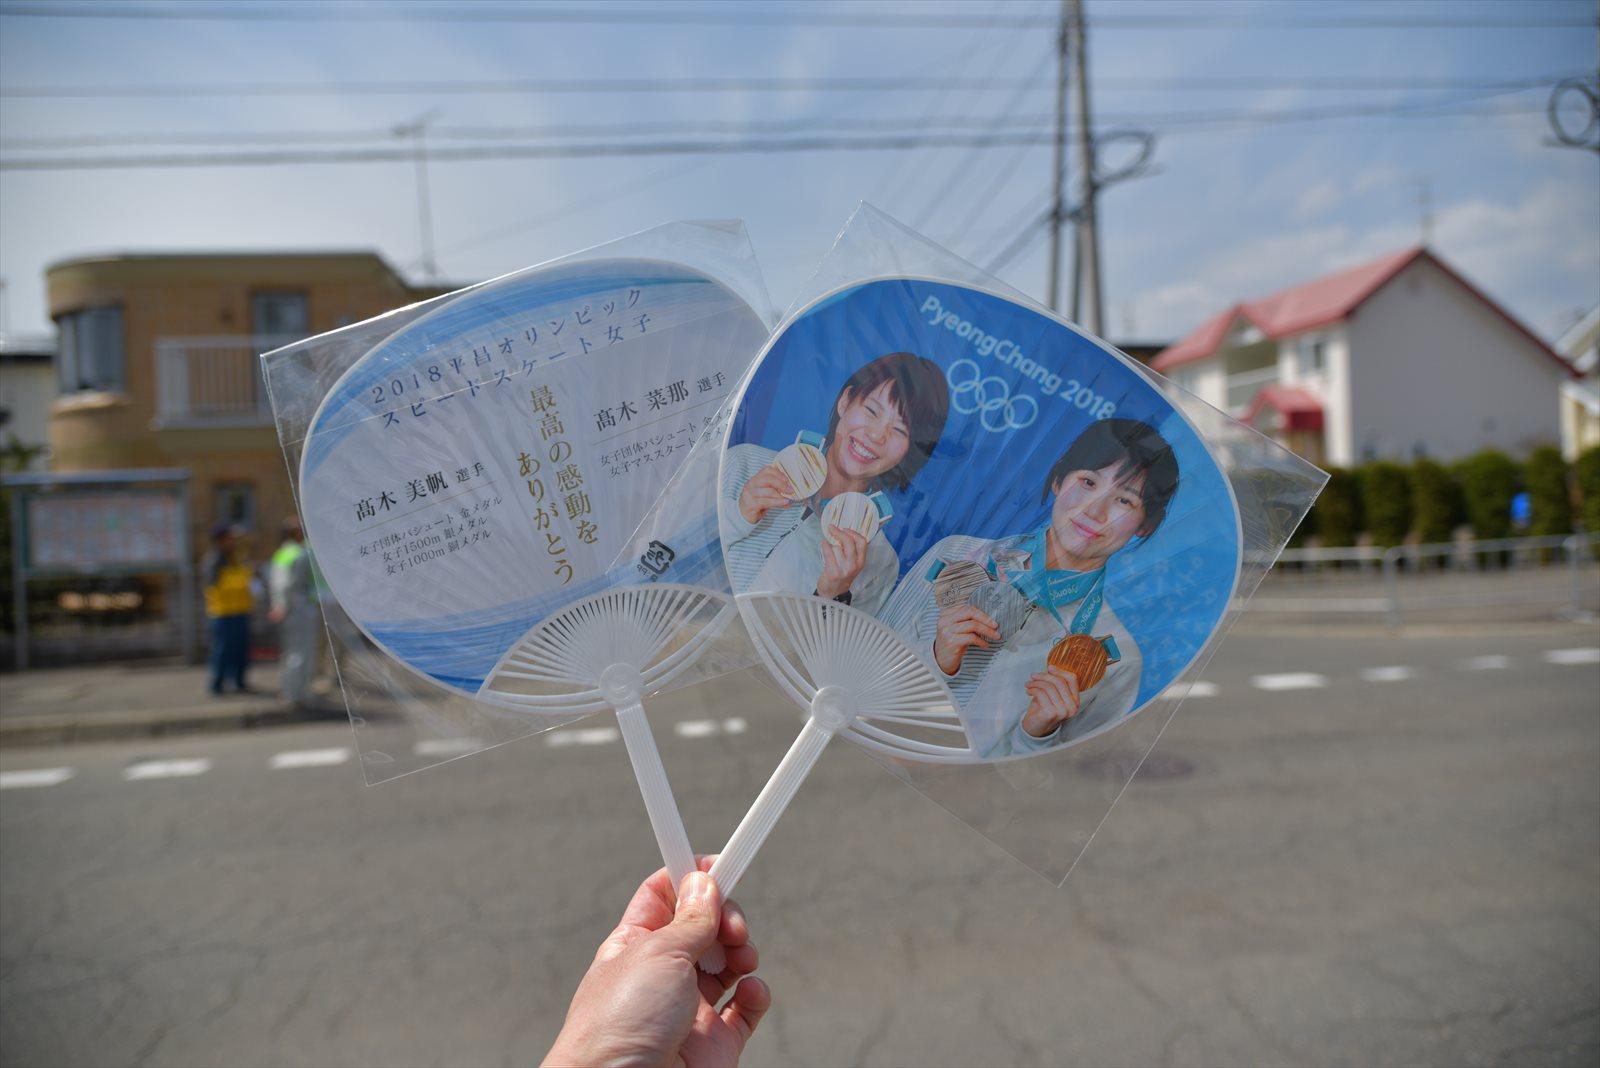 【幕別町】高木姉妹のパレードを見てきました。_a0145819_21411989.jpg